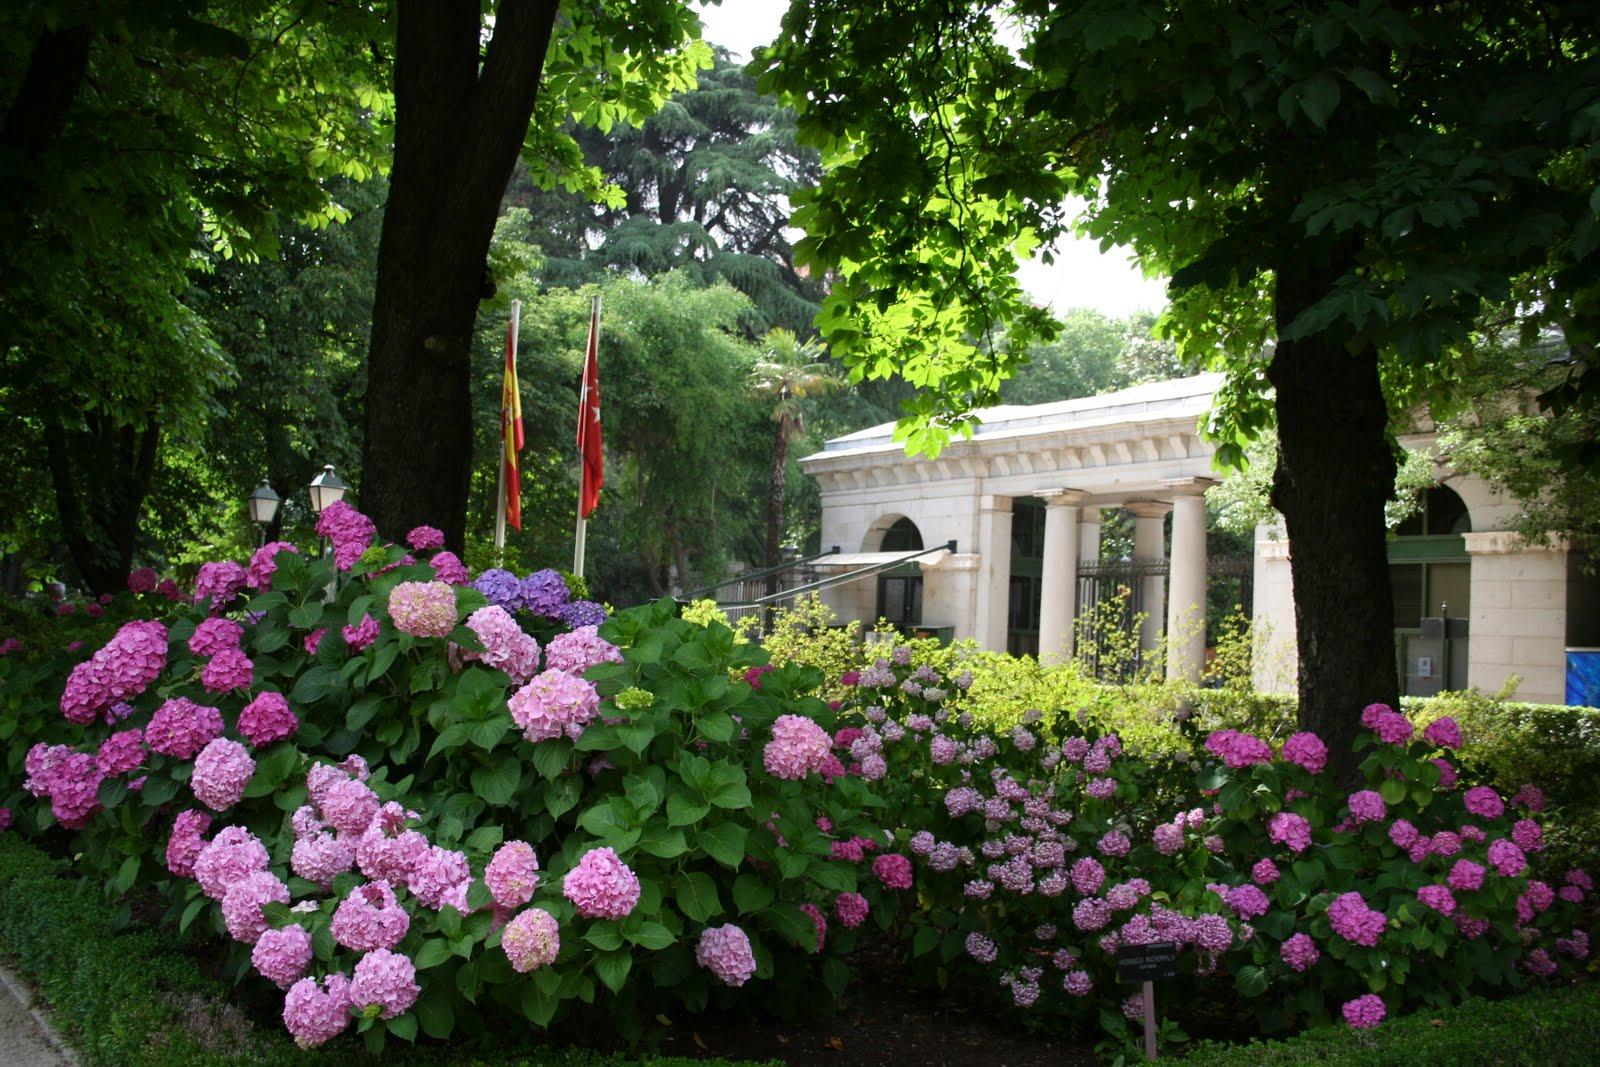 La ruta de los museos abril 2011 for Entrada jardin botanico madrid